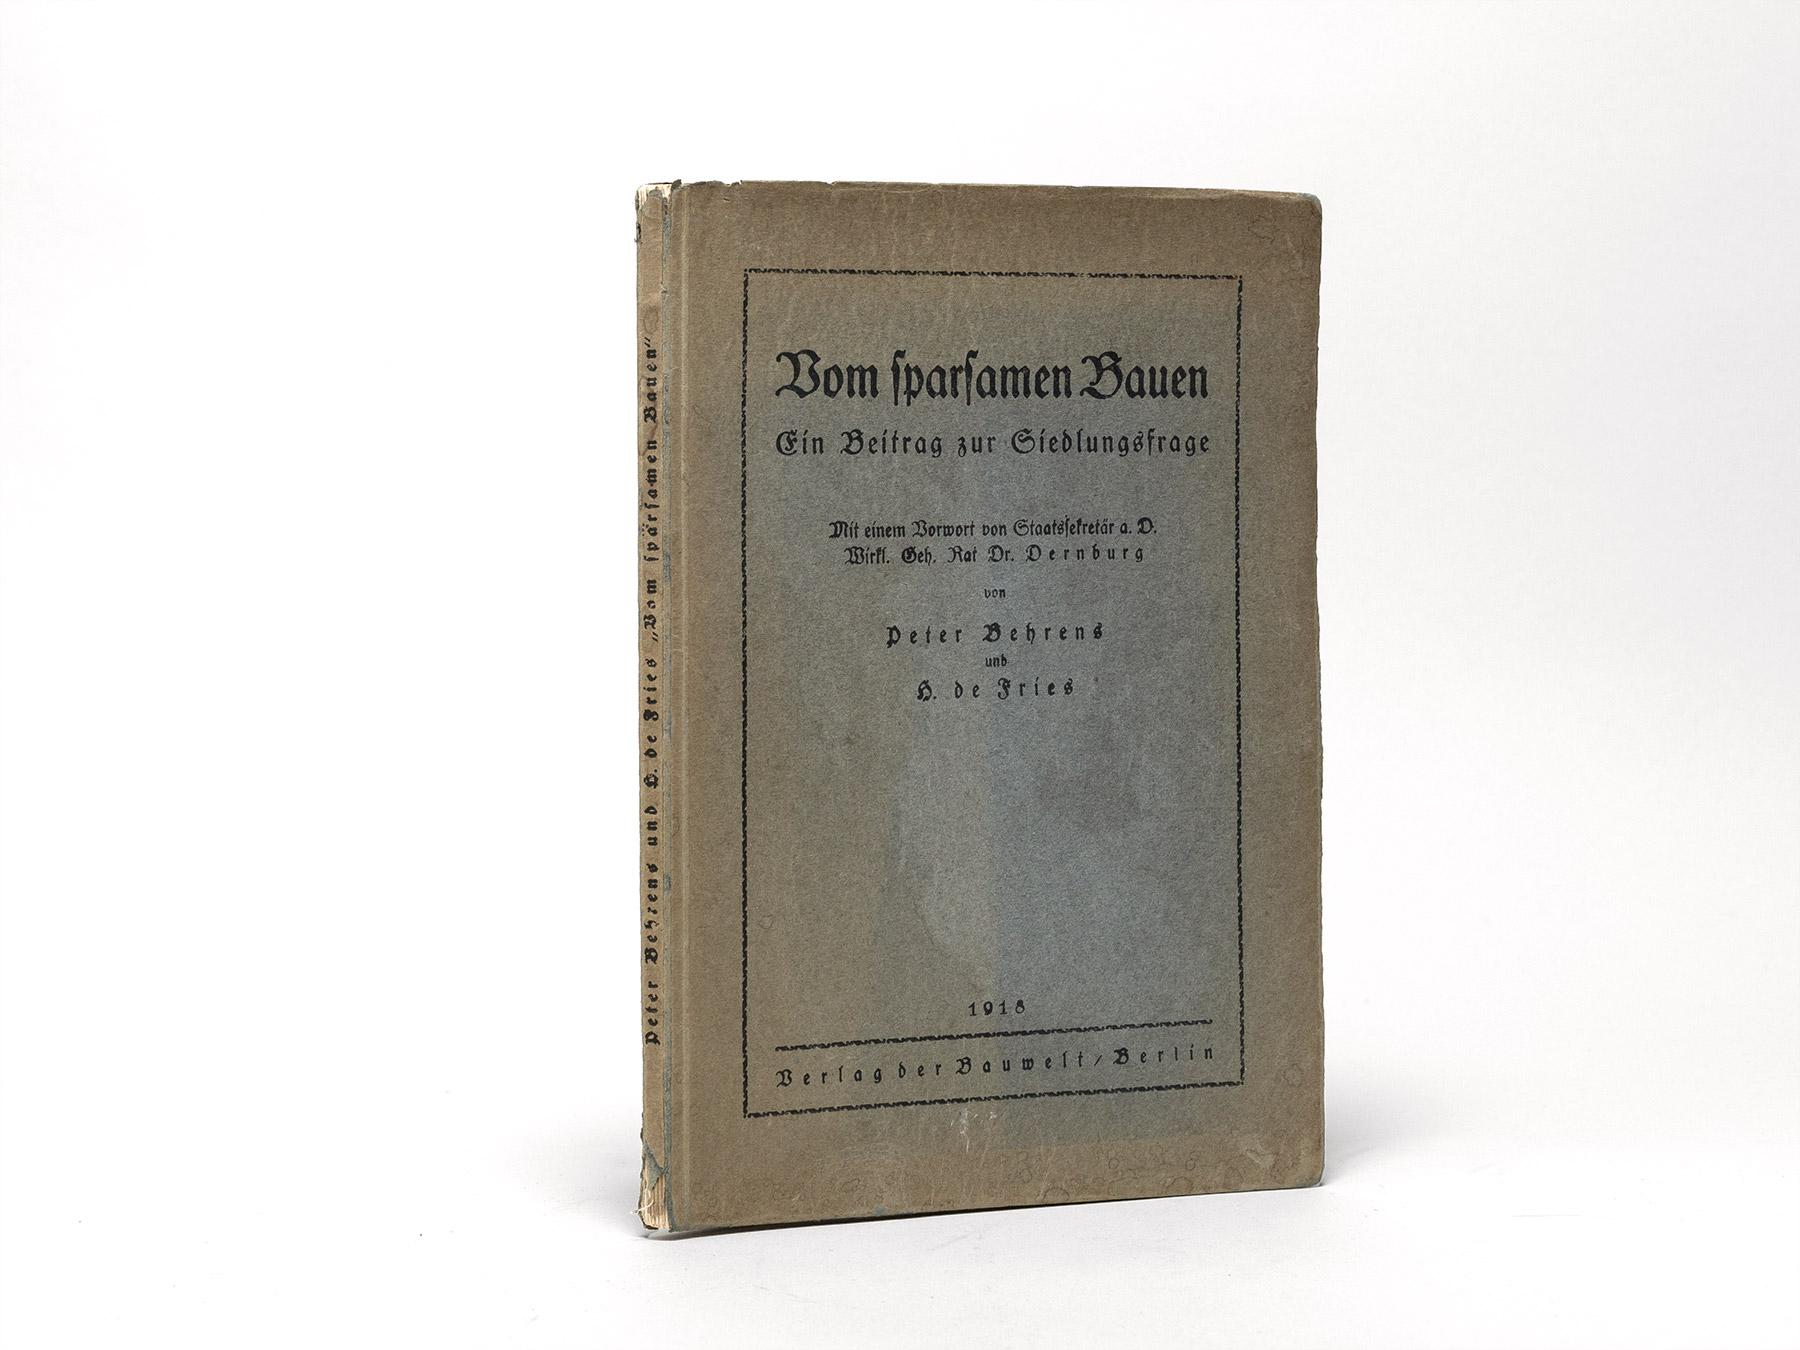 Vom sparsamen Bauen. Ein Beitrag zur Siedlungsfrage. - Behrens, Peter, Fries, H.[einrich] de